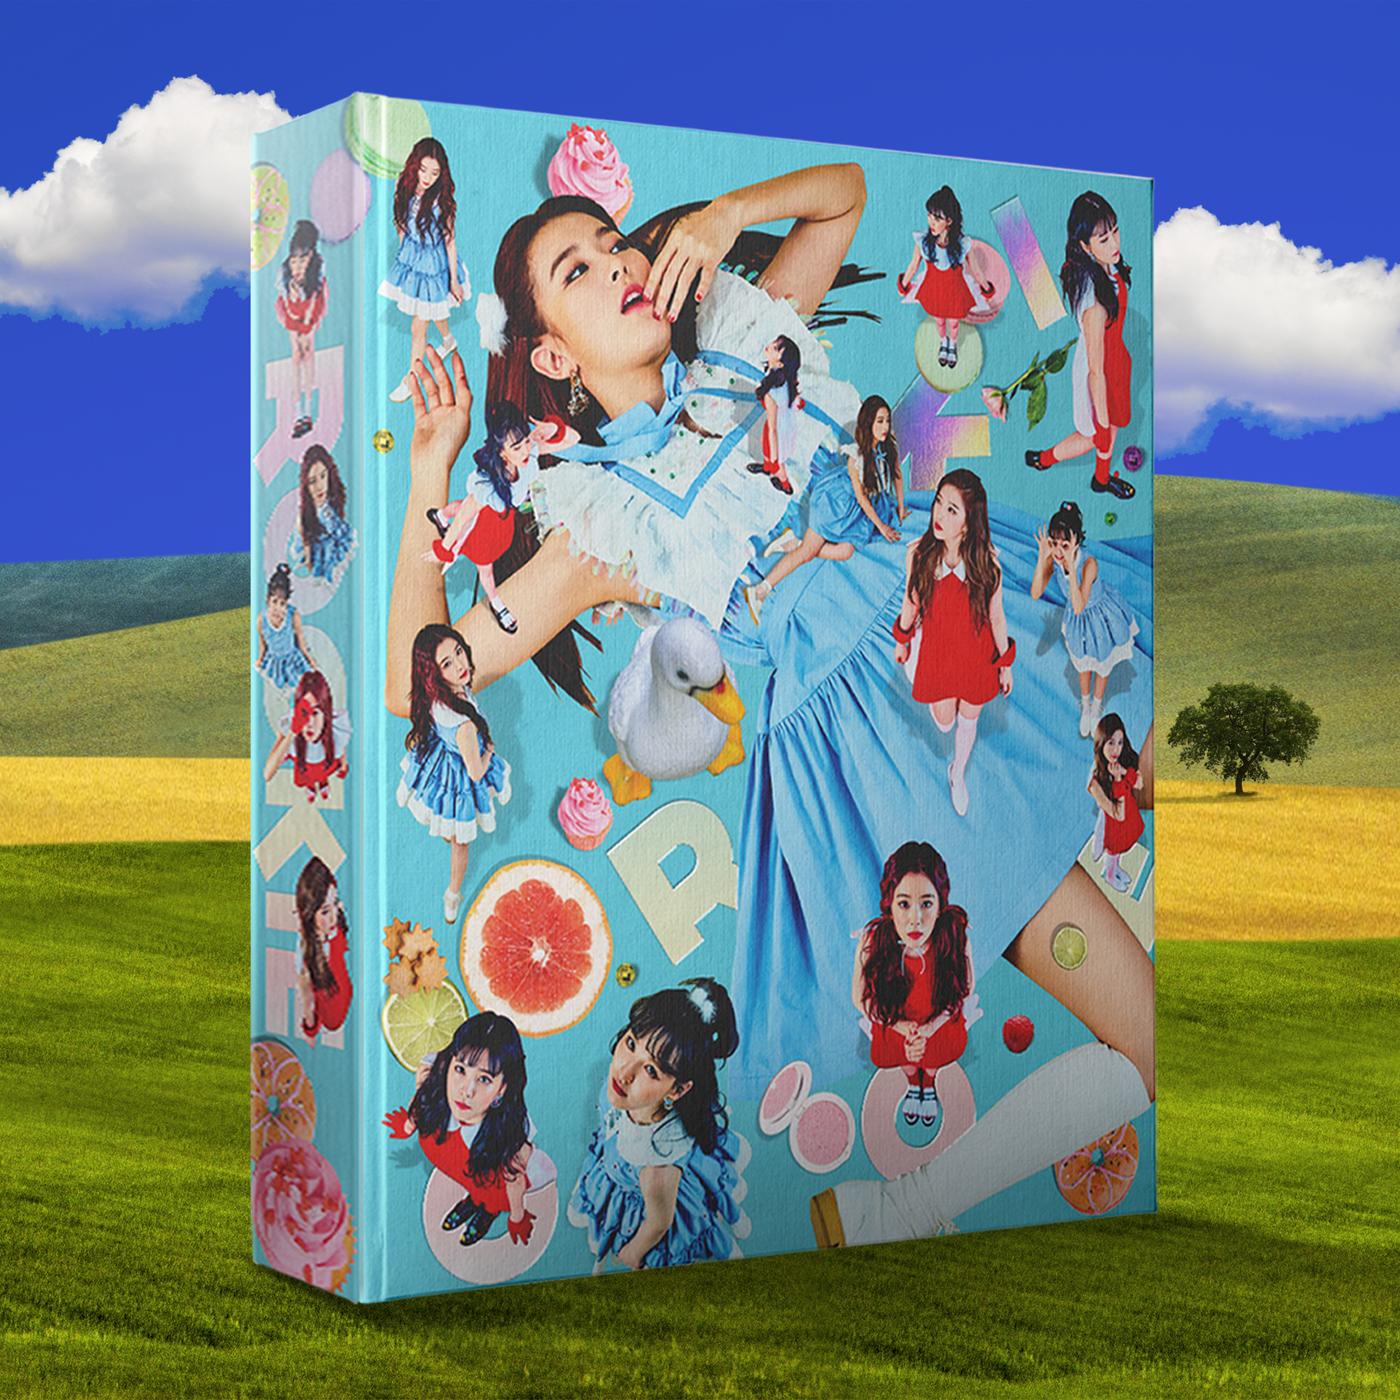 20170201.02.02 Red Velvet - Rookie cover.jpg